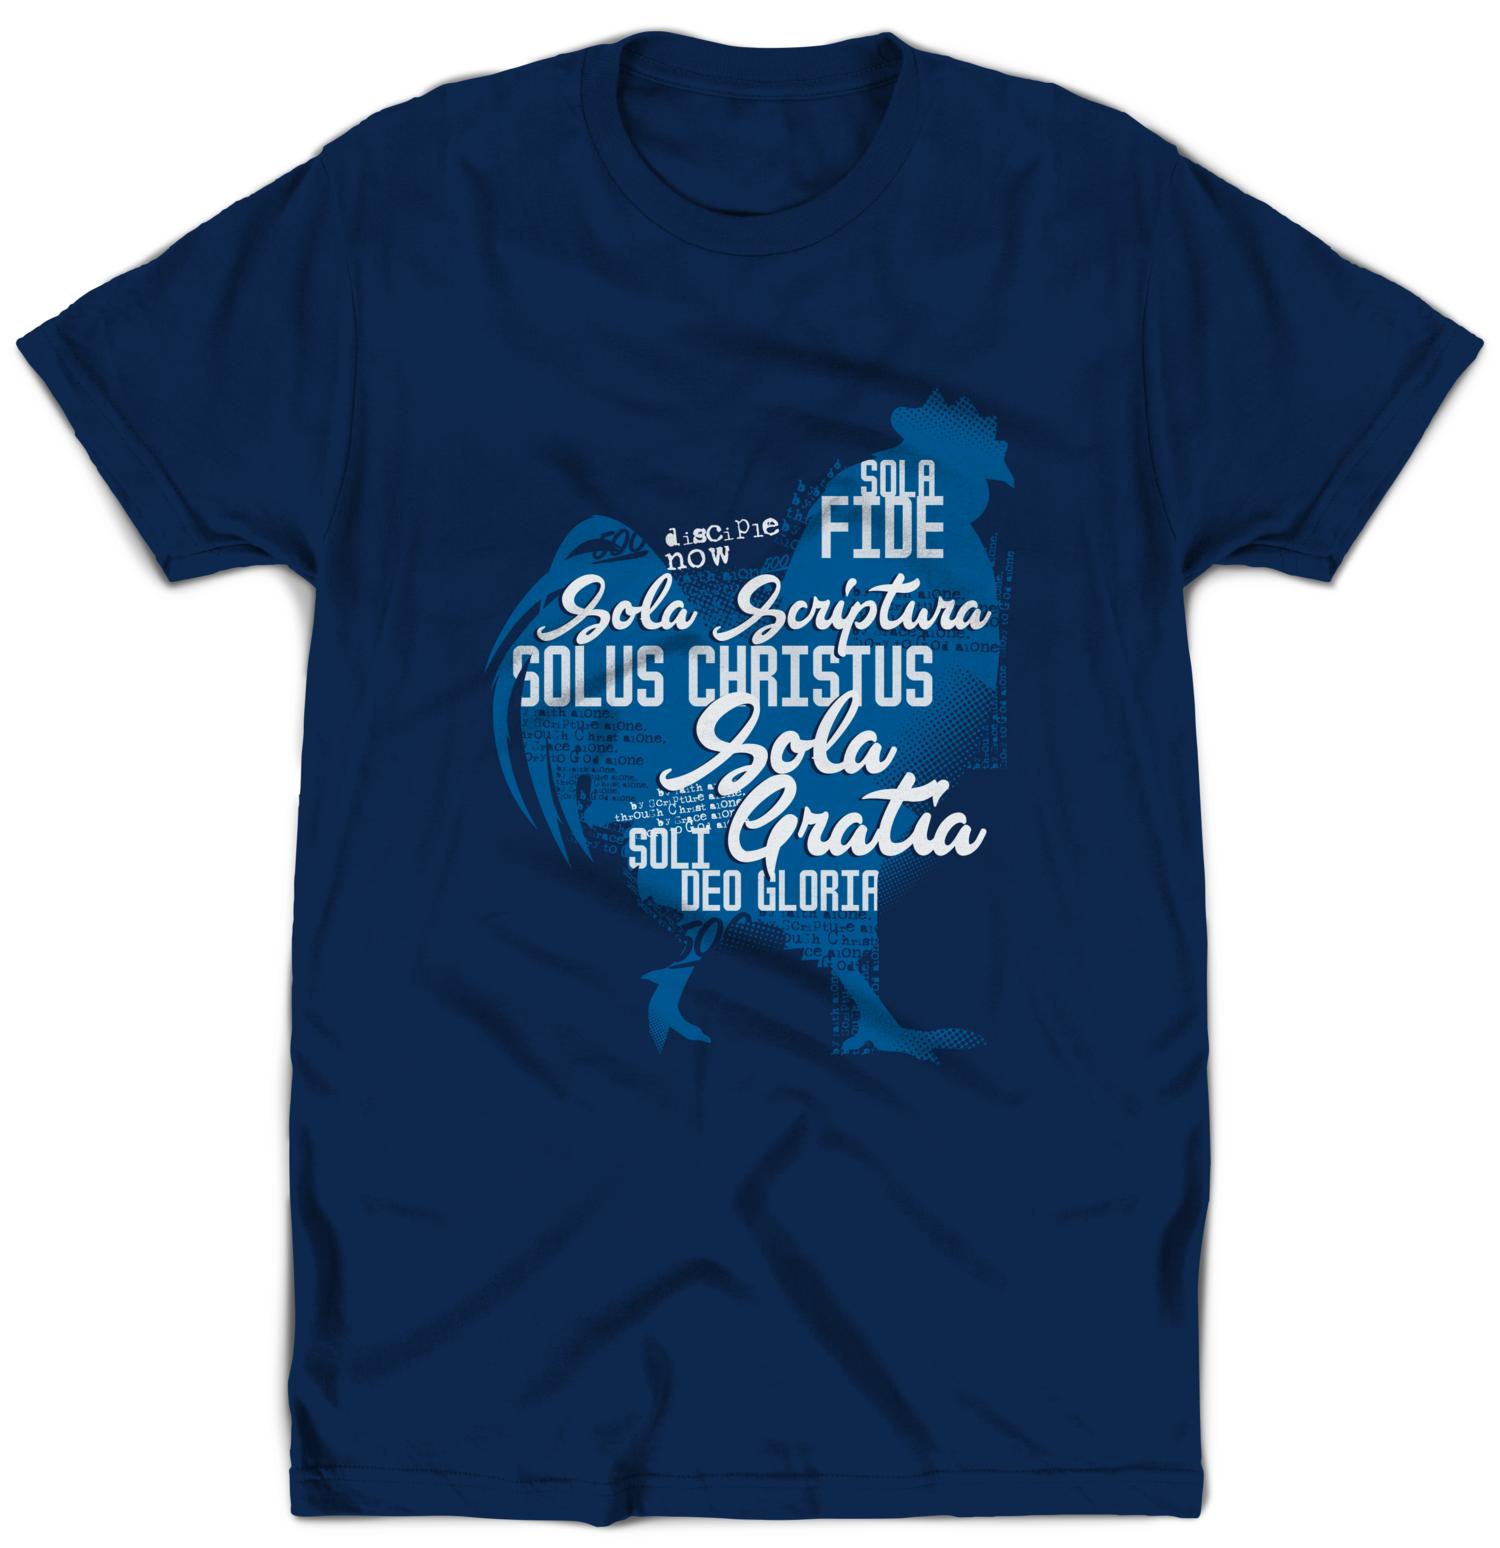 Christian T Shirt Design Maker | Top Mode Depot